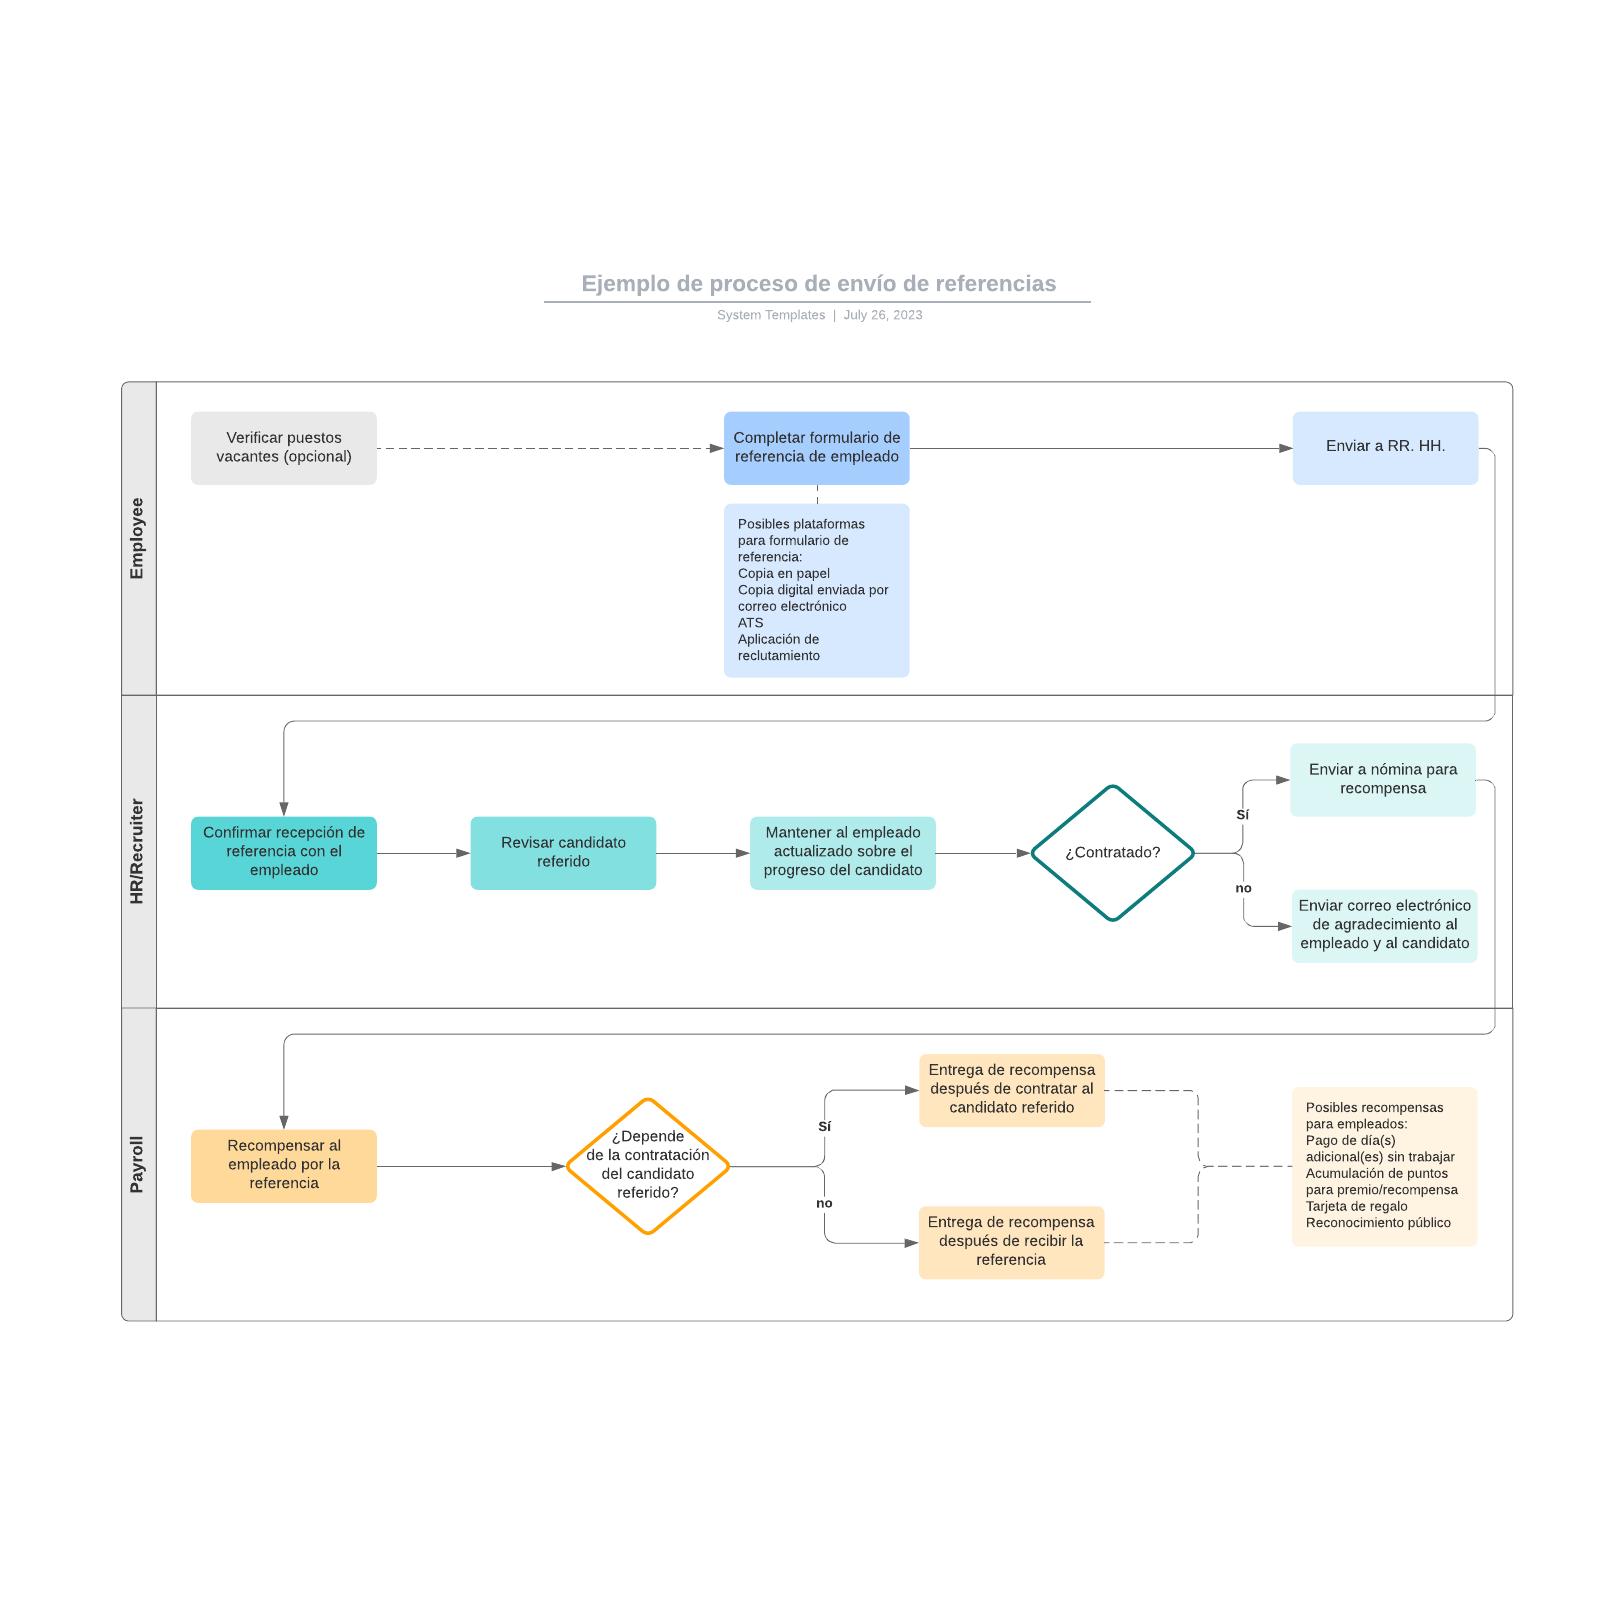 Ejemplo de proceso de envío de referencias